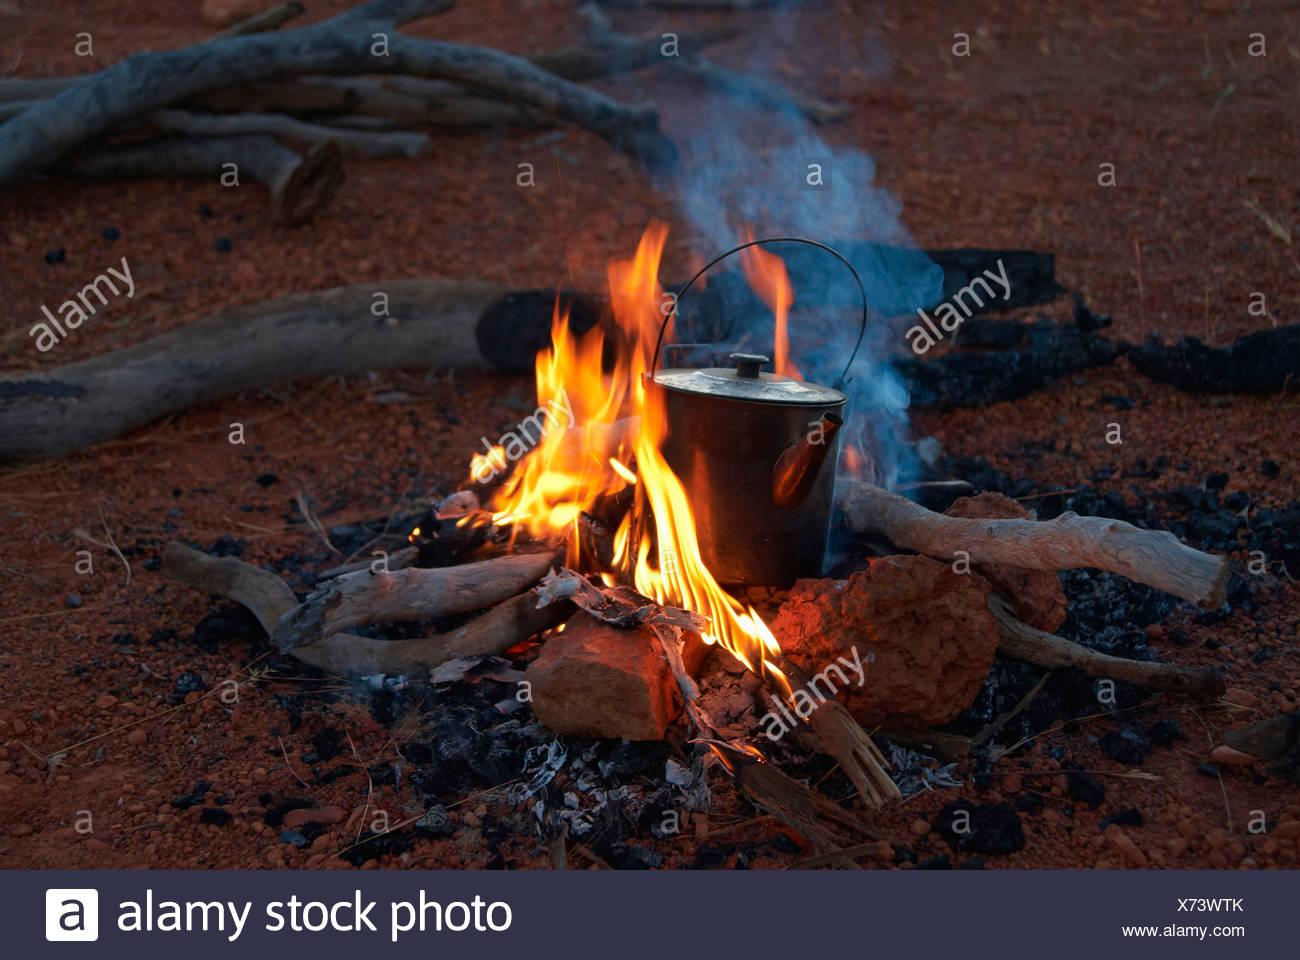 L'Australie, Queensland, Savannah Way, Burketown, le camping, le feu, l'aventure Photo Stock